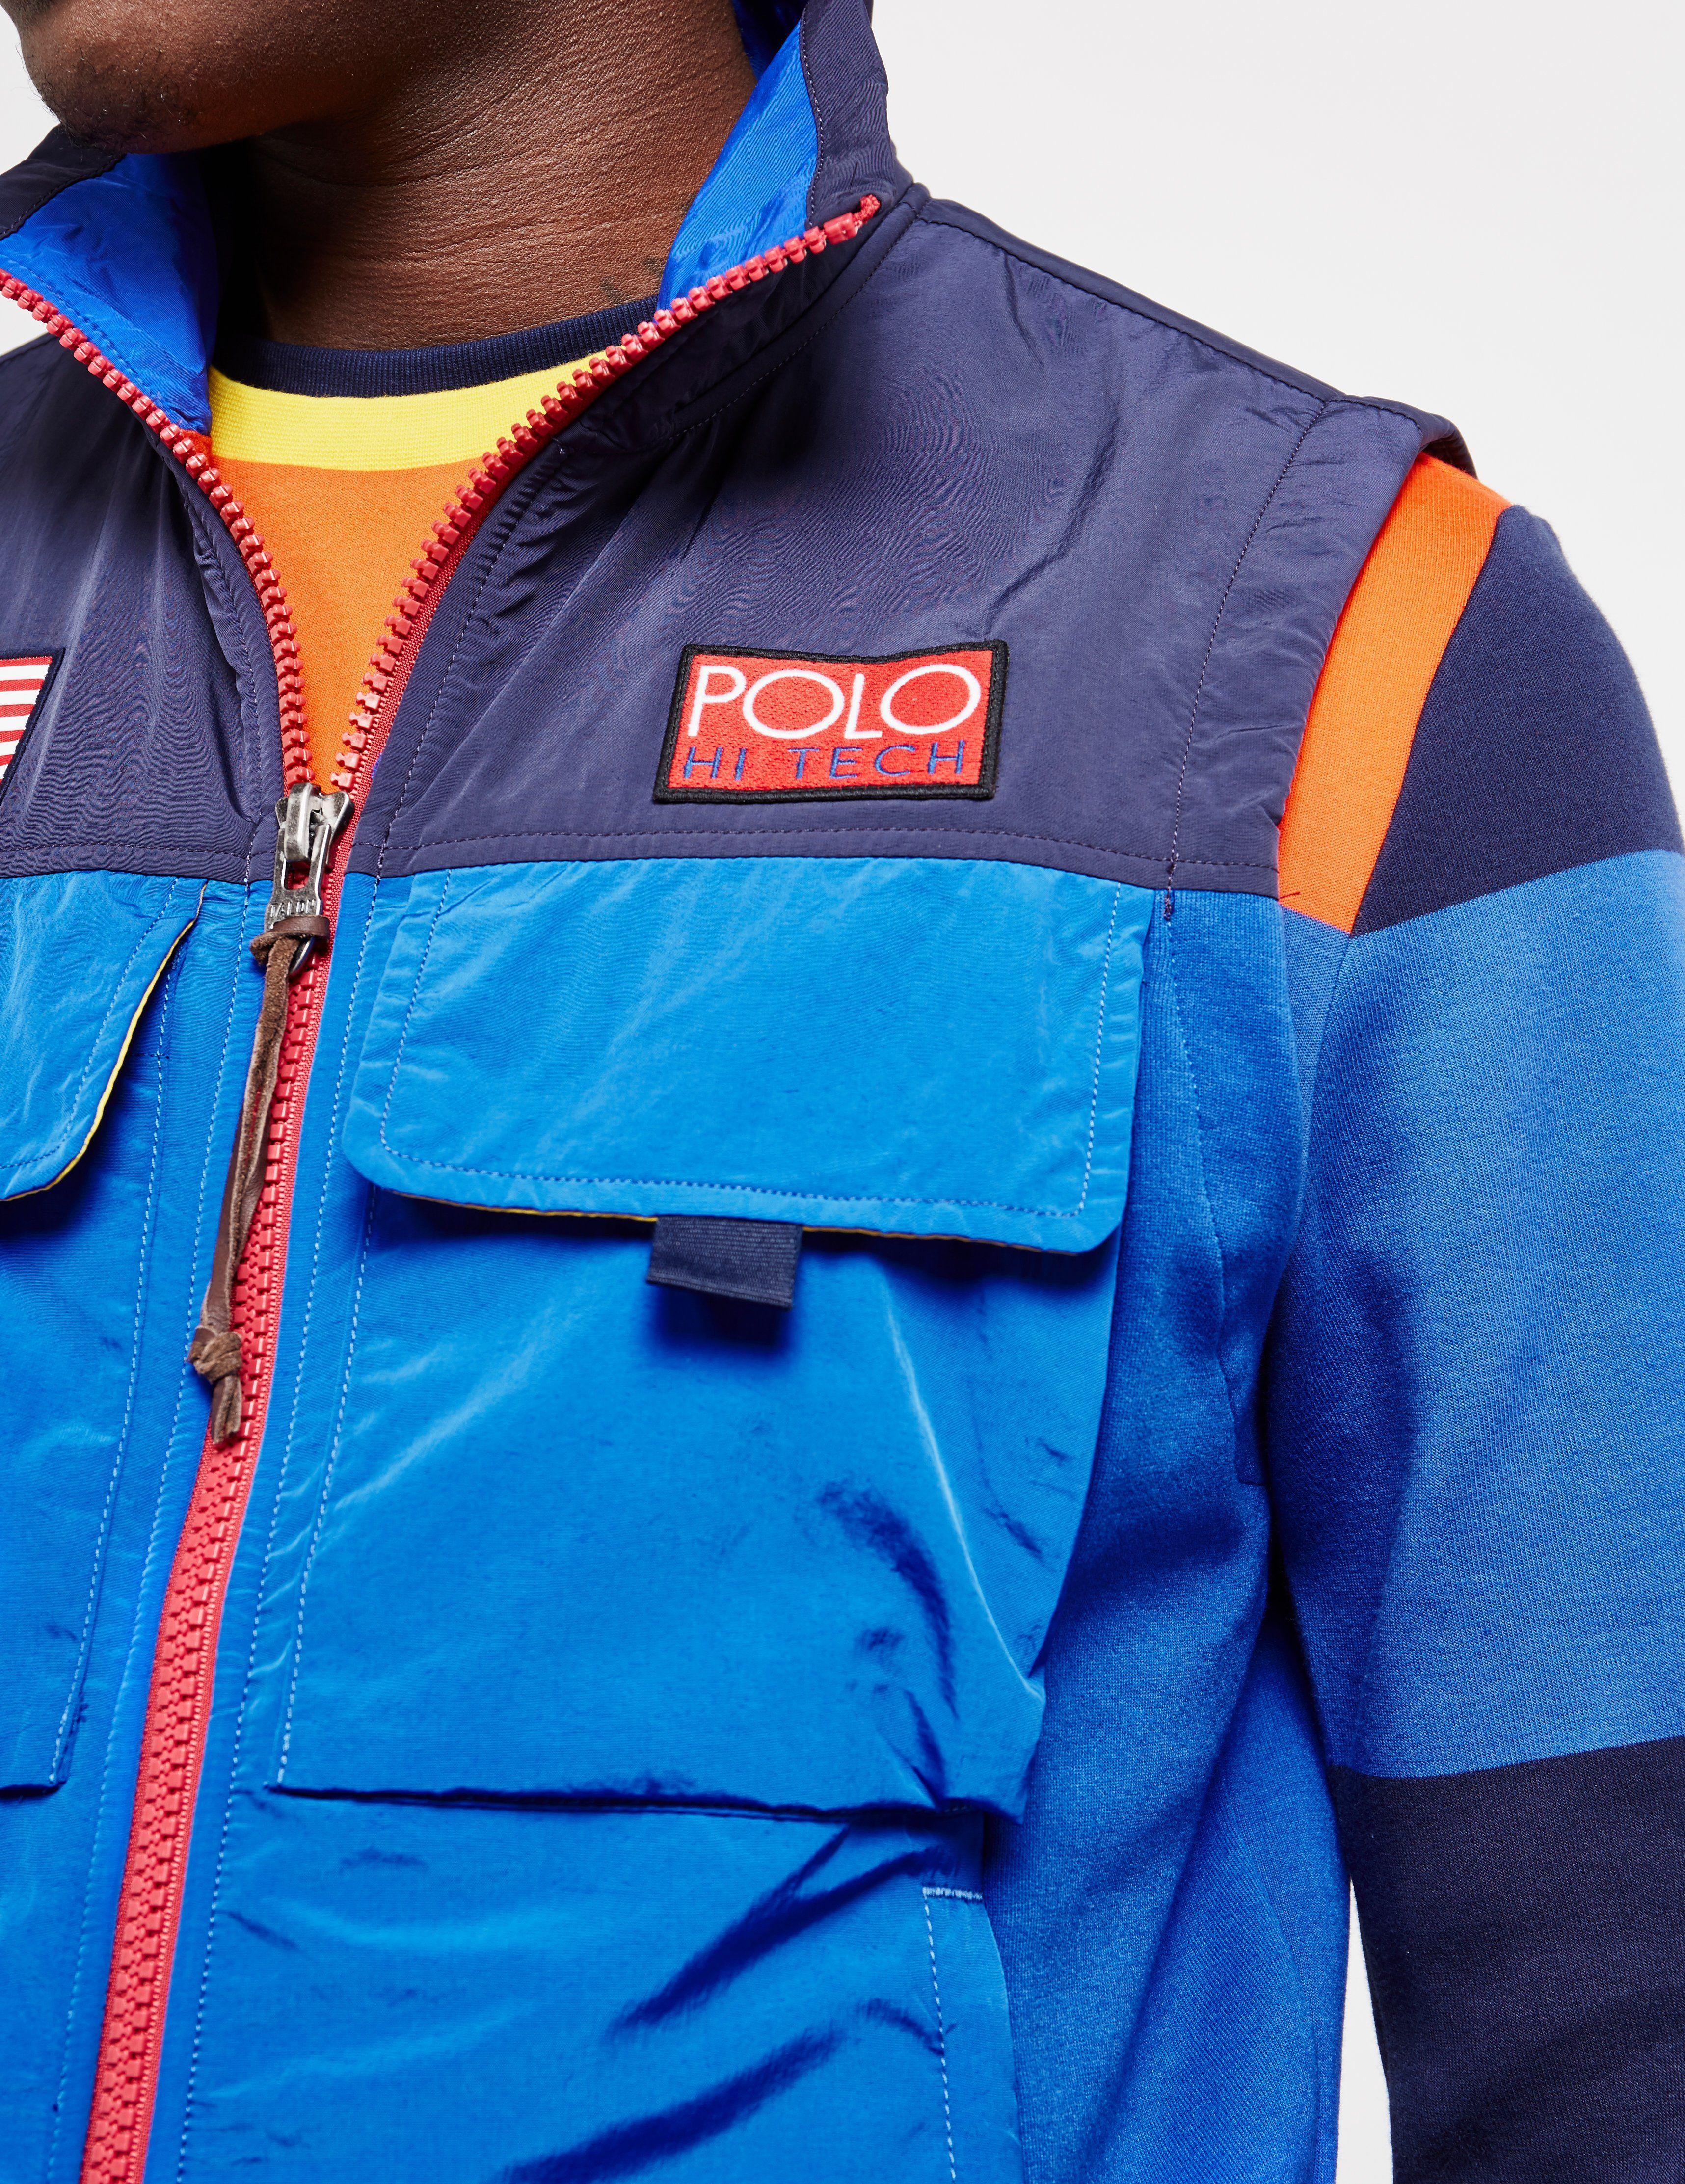 Polo Ralph Lauren Hi Tech Gilet - Online Exclusive